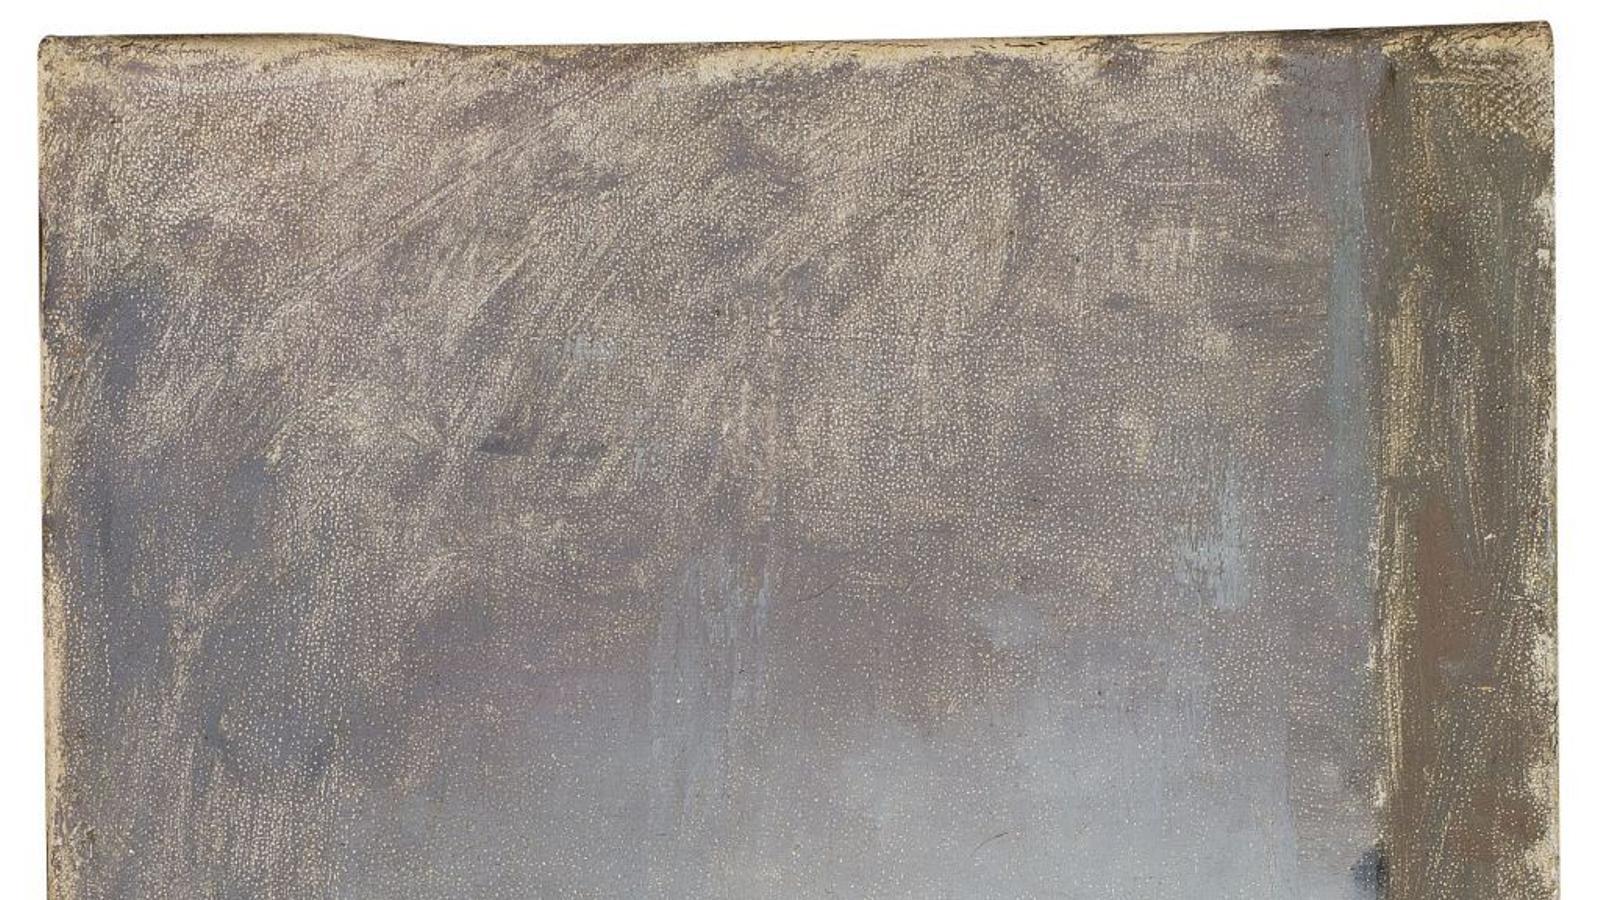 'Dues captaires o Mendiants' de Marià Fortuny (1870-1872), comprada per 36.000 euros